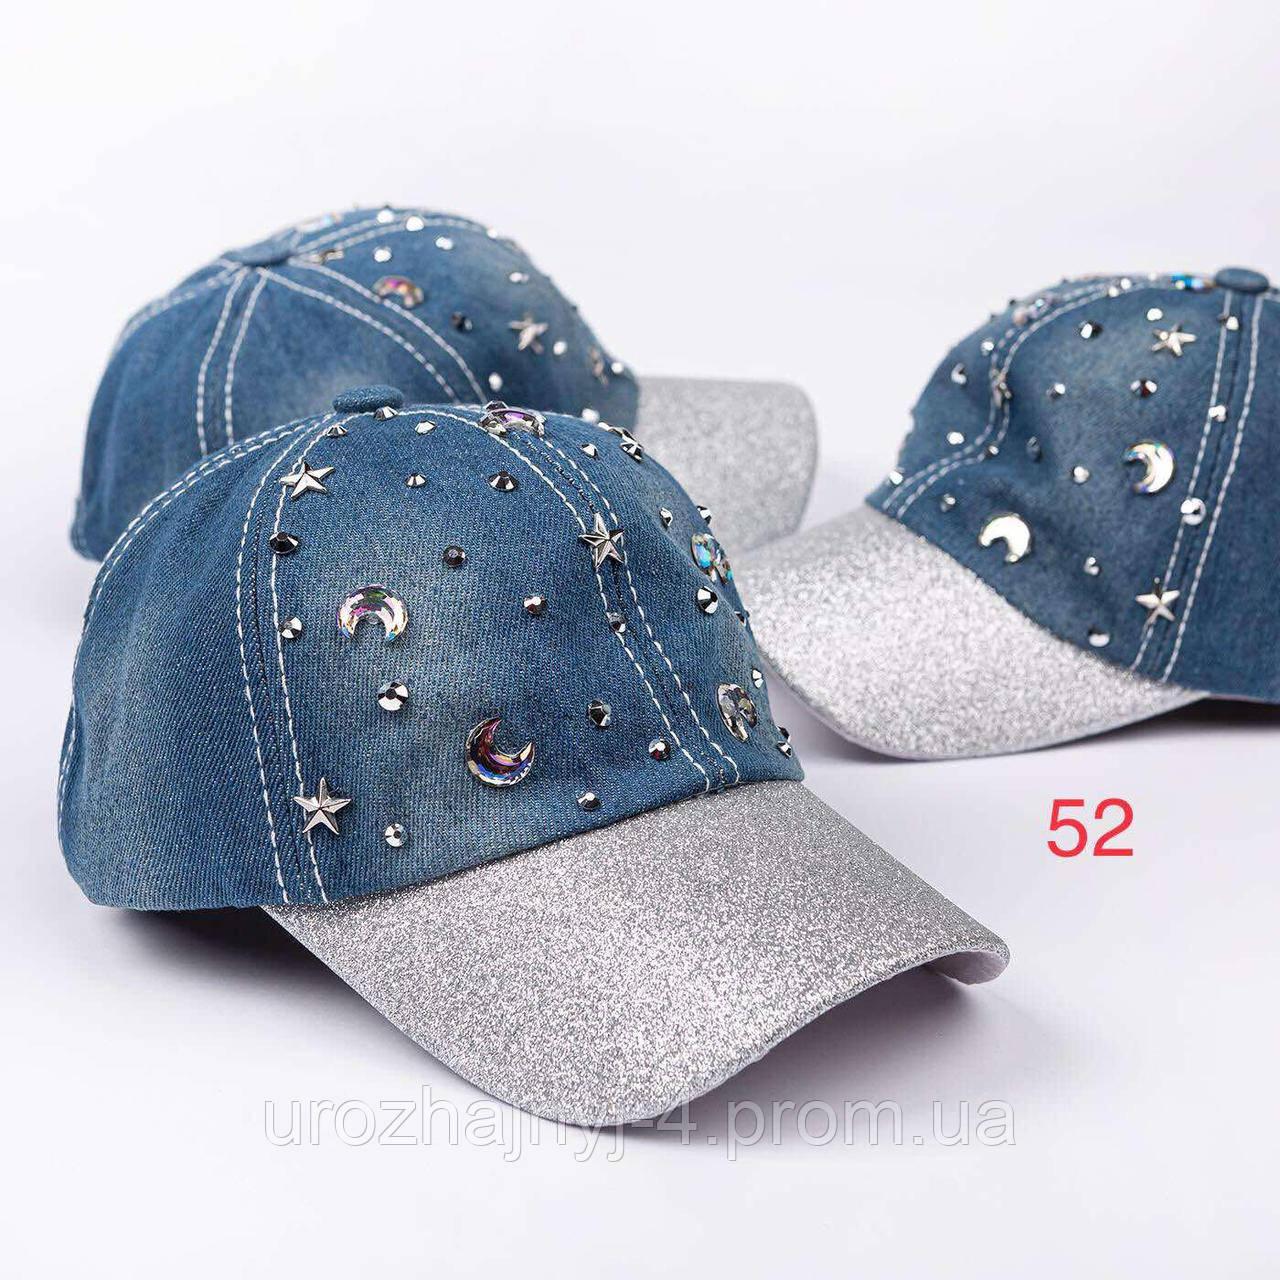 Джинсовая кепка с стразами р50-52